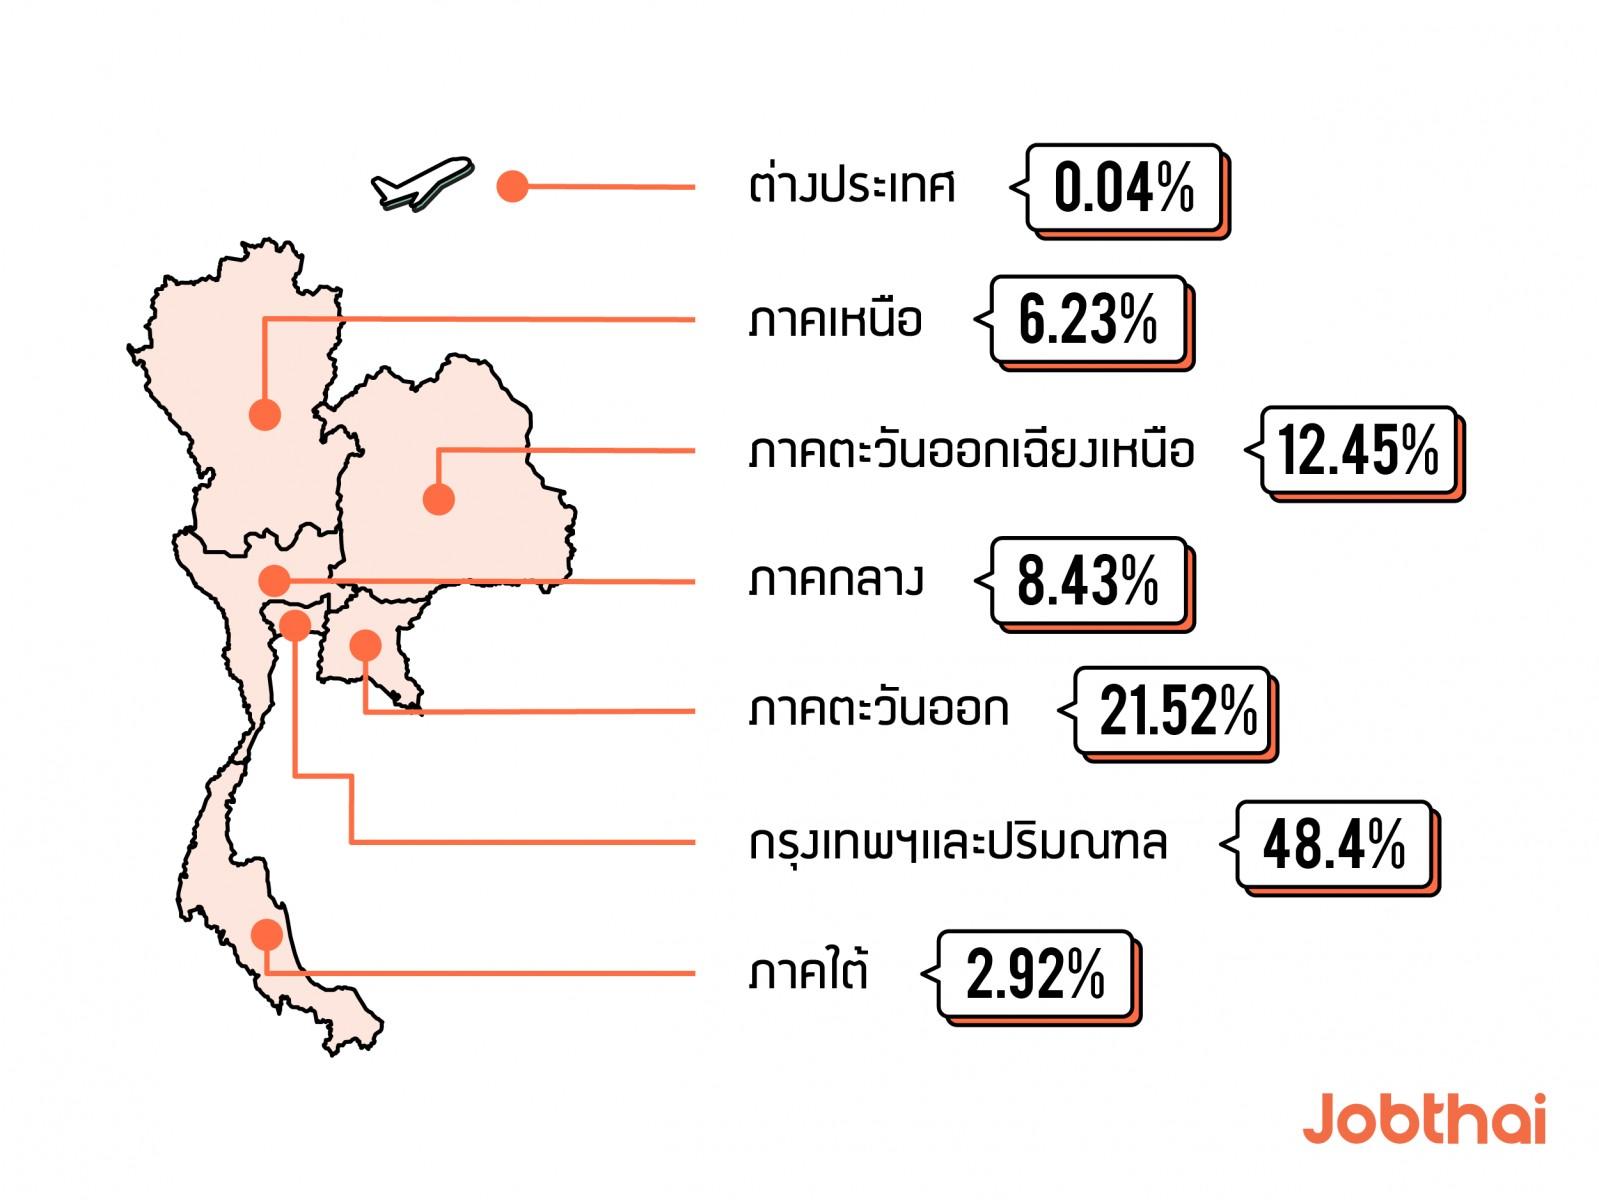 อัปเดตสถิติการใช้งานJobThaiในรอบครึ่งปี 2019 ภูมิภาค